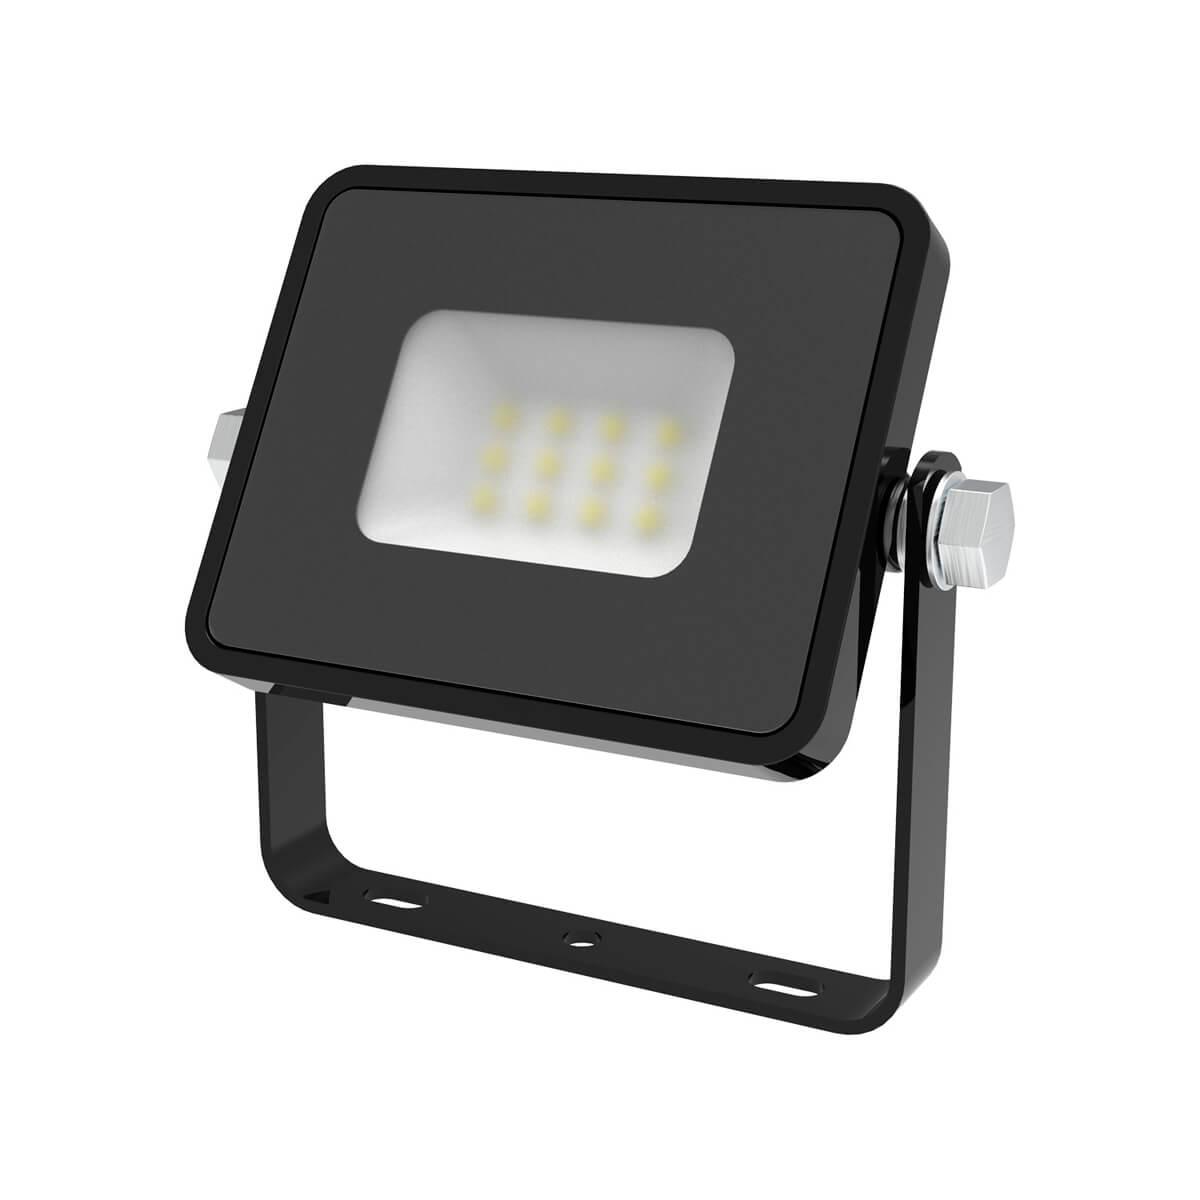 все цены на Прожектор светодиодный Gauss Qplus 10W 6500К 613511310 онлайн